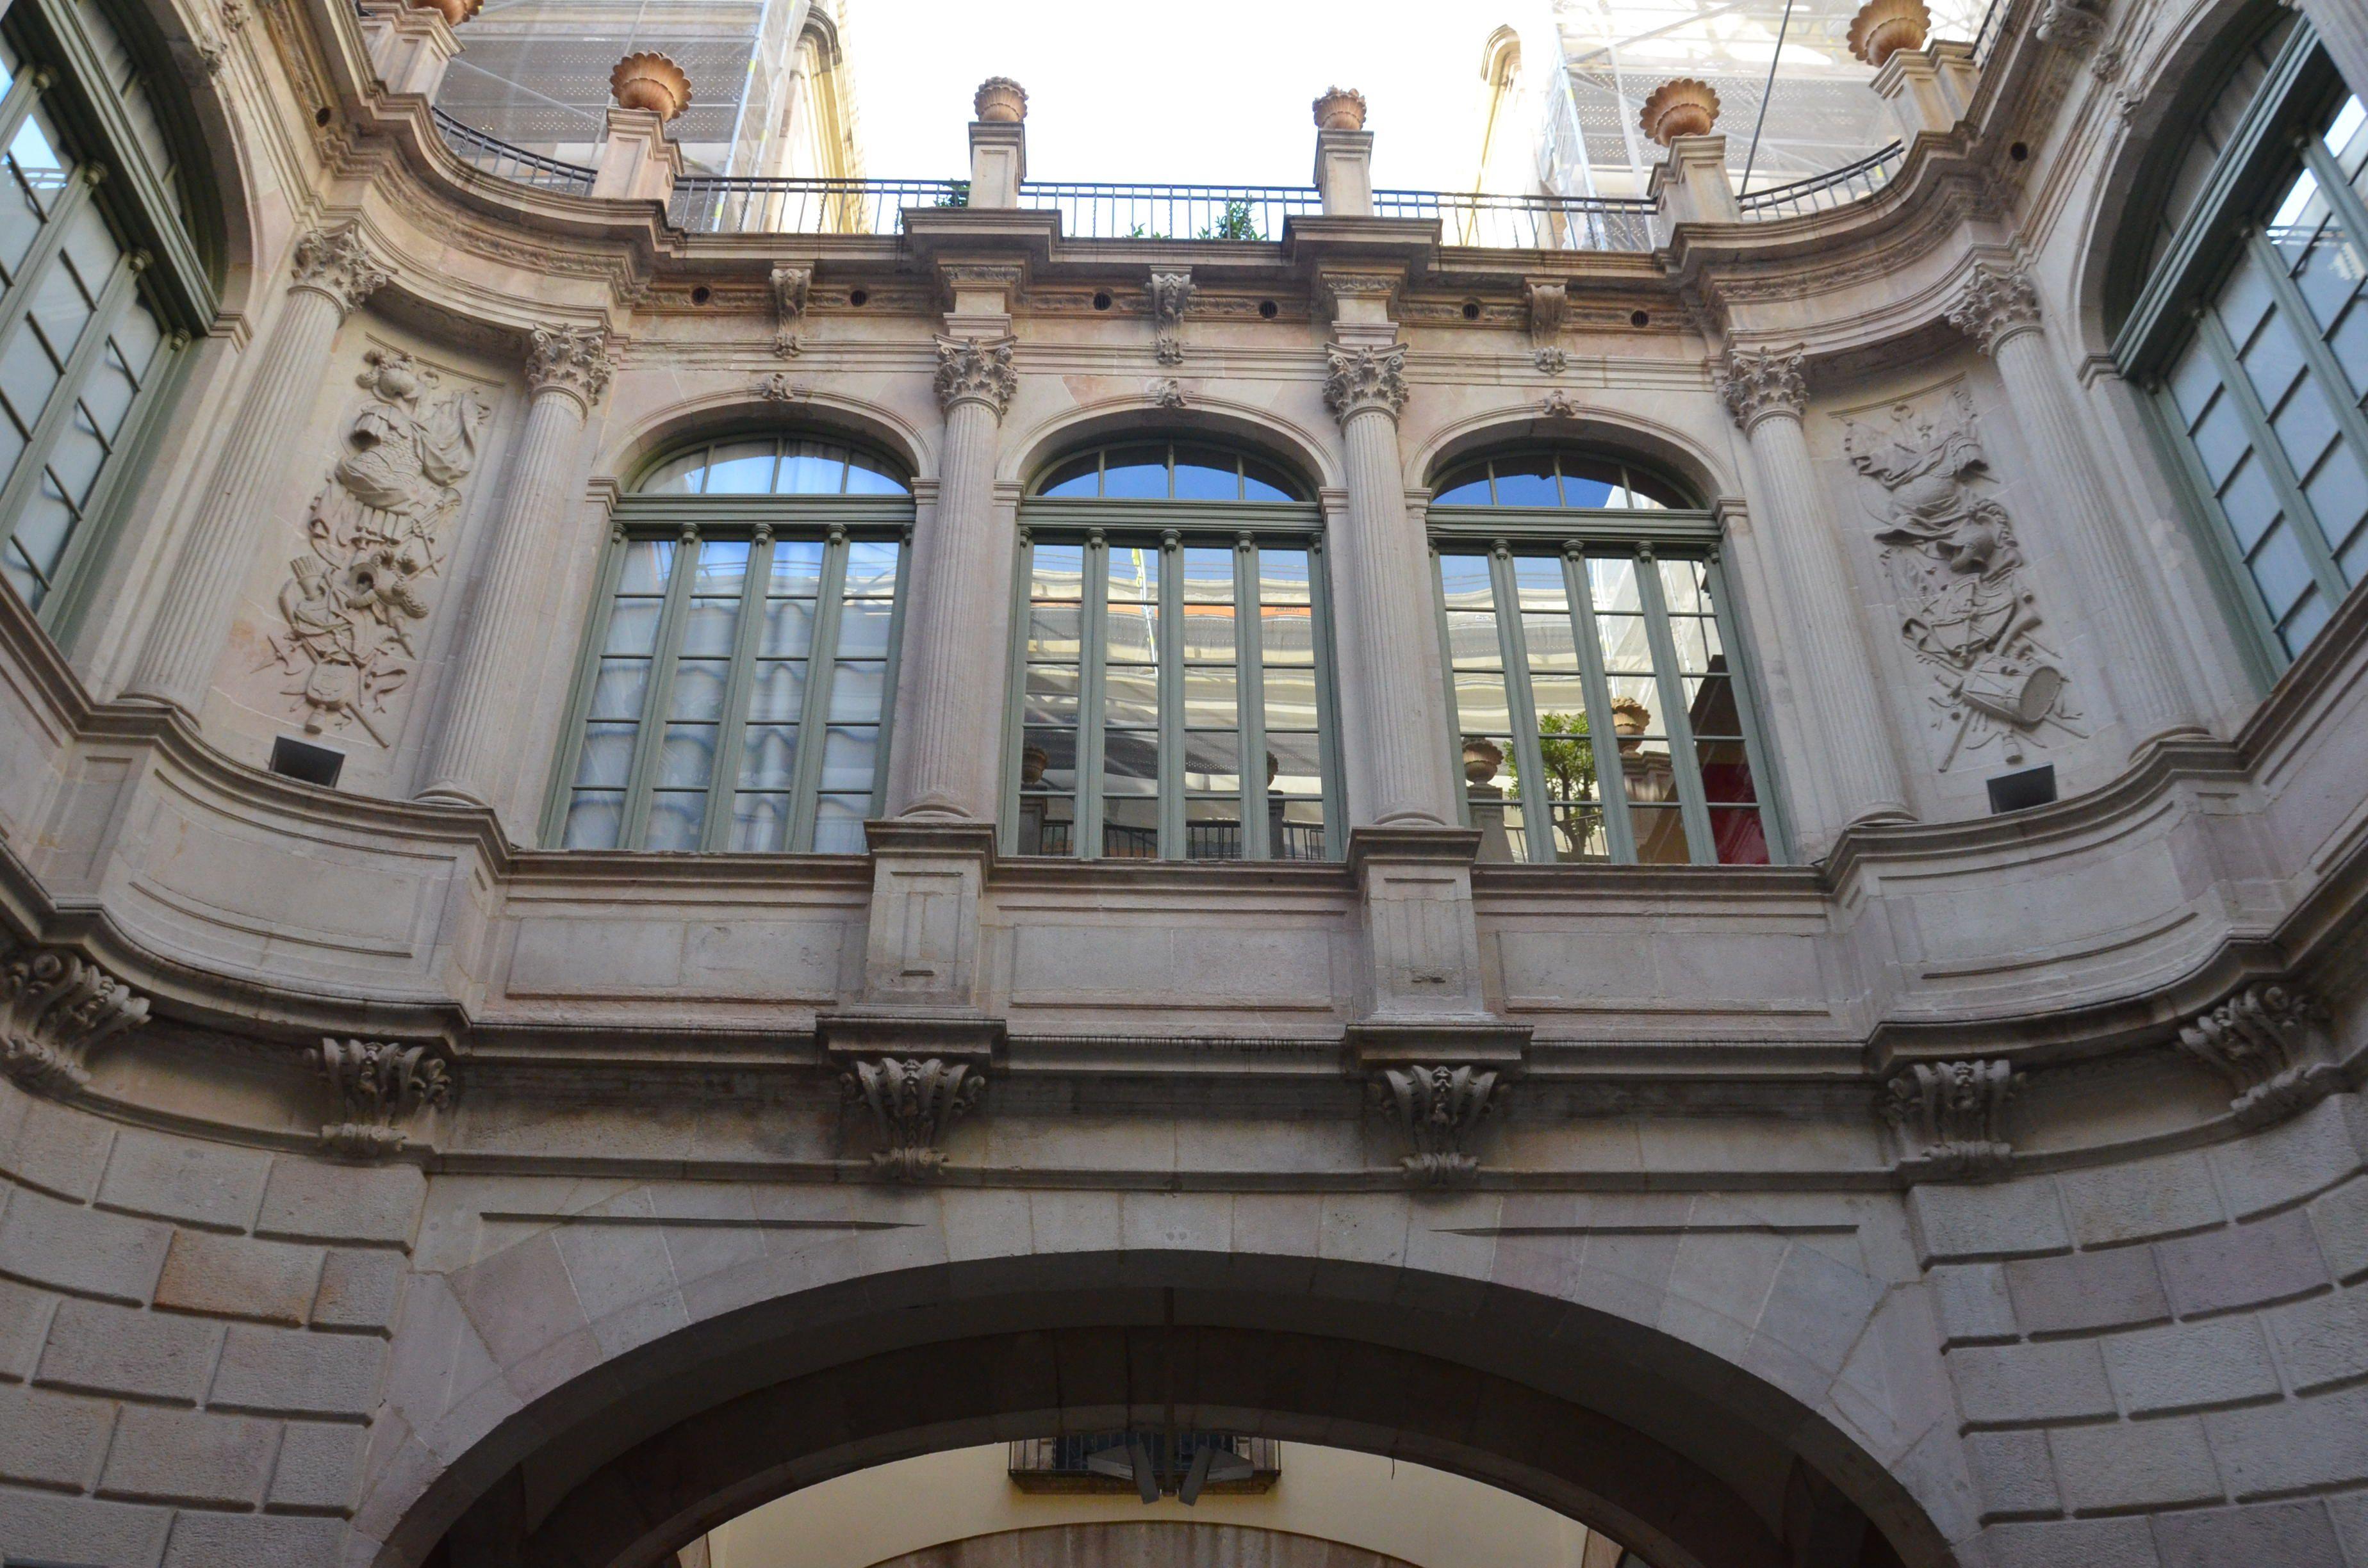 Palau de la Virreina, Barcelona: All year